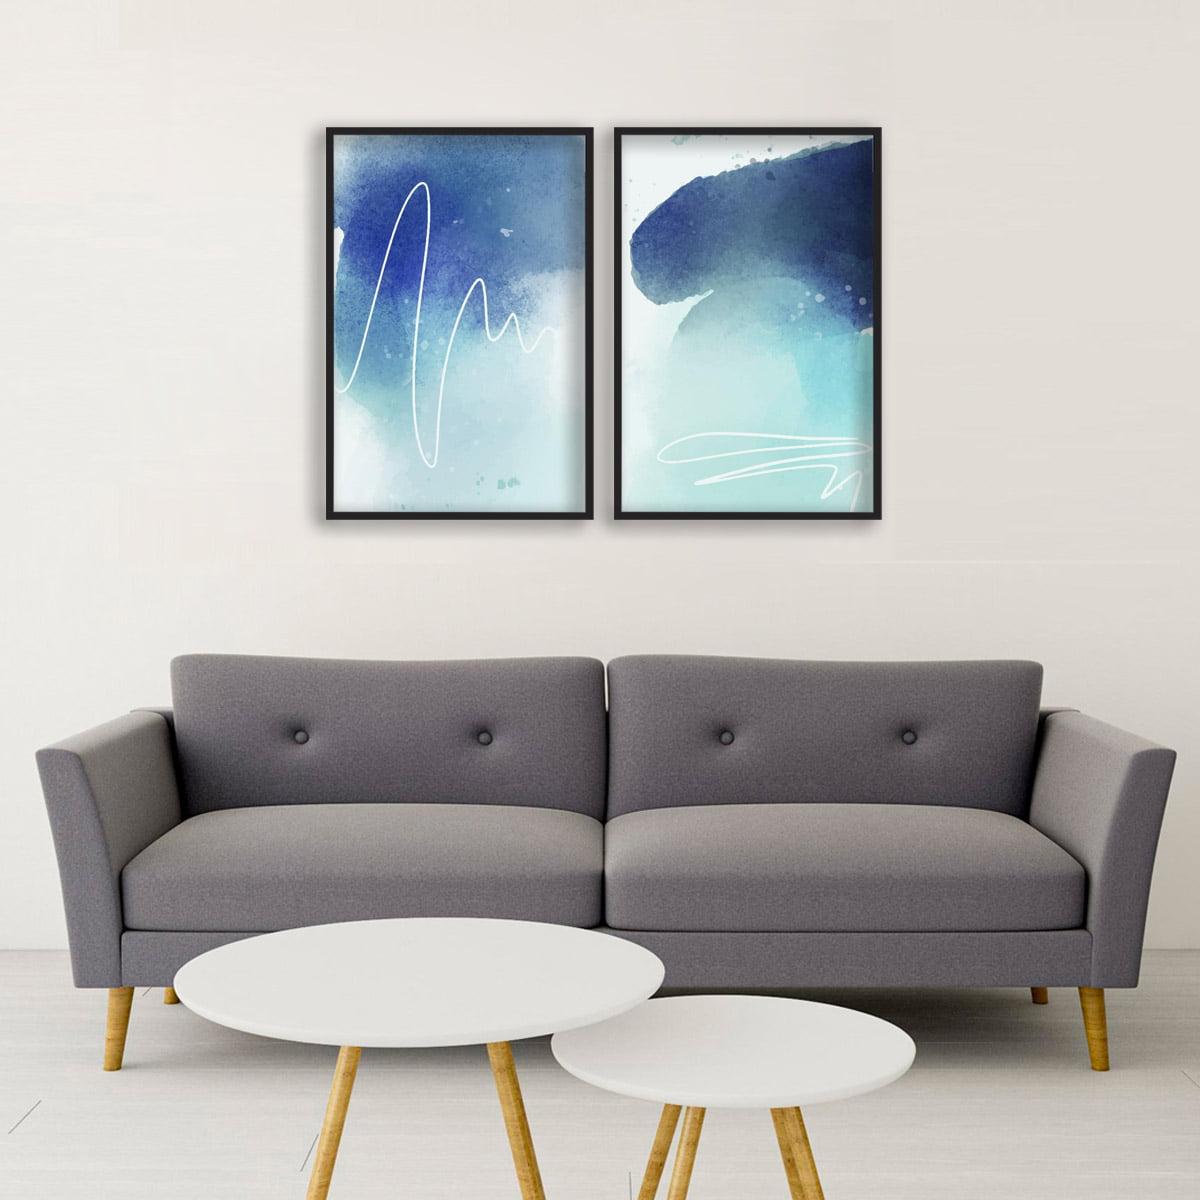 Kit 2 Quadros Decorativos Para Sala Quarto Formas Abstratas Azul